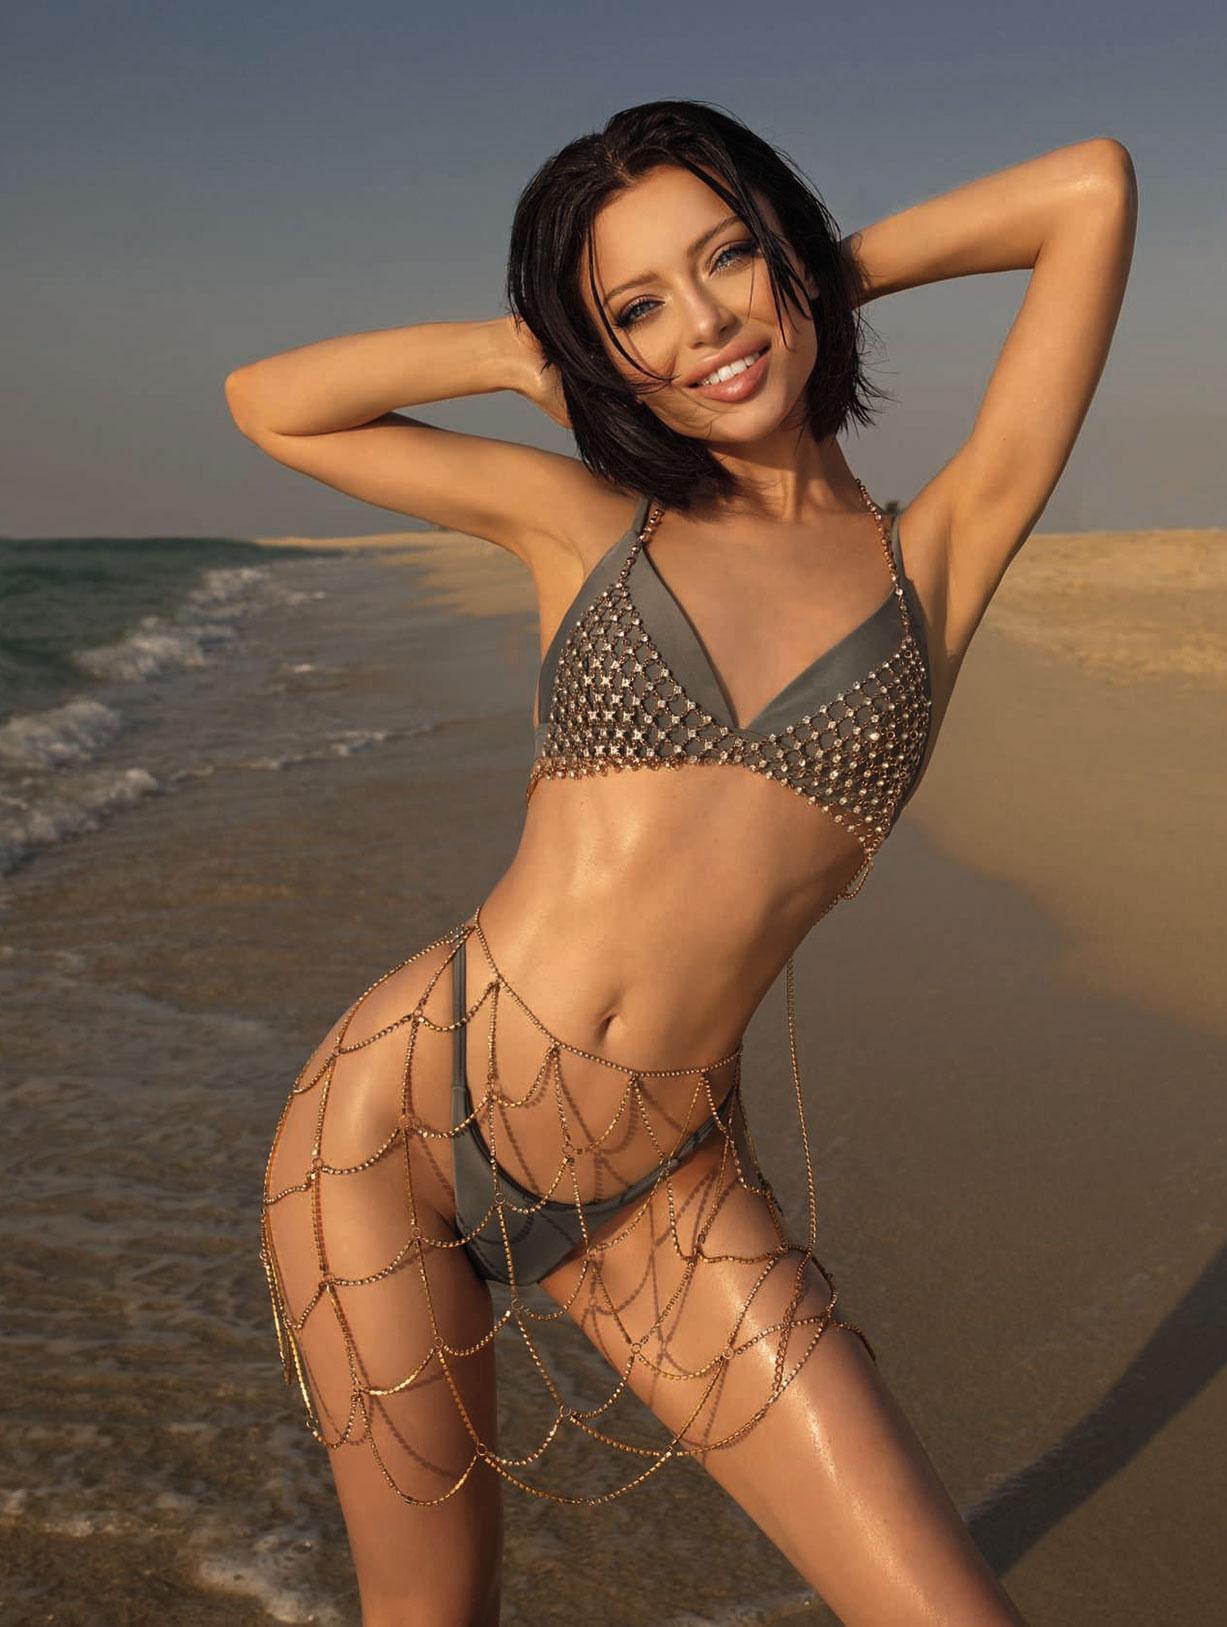 5-ая топ-модель Вселенной, легендарная Маша Студент в сексуальном нижнем белье / фото 08